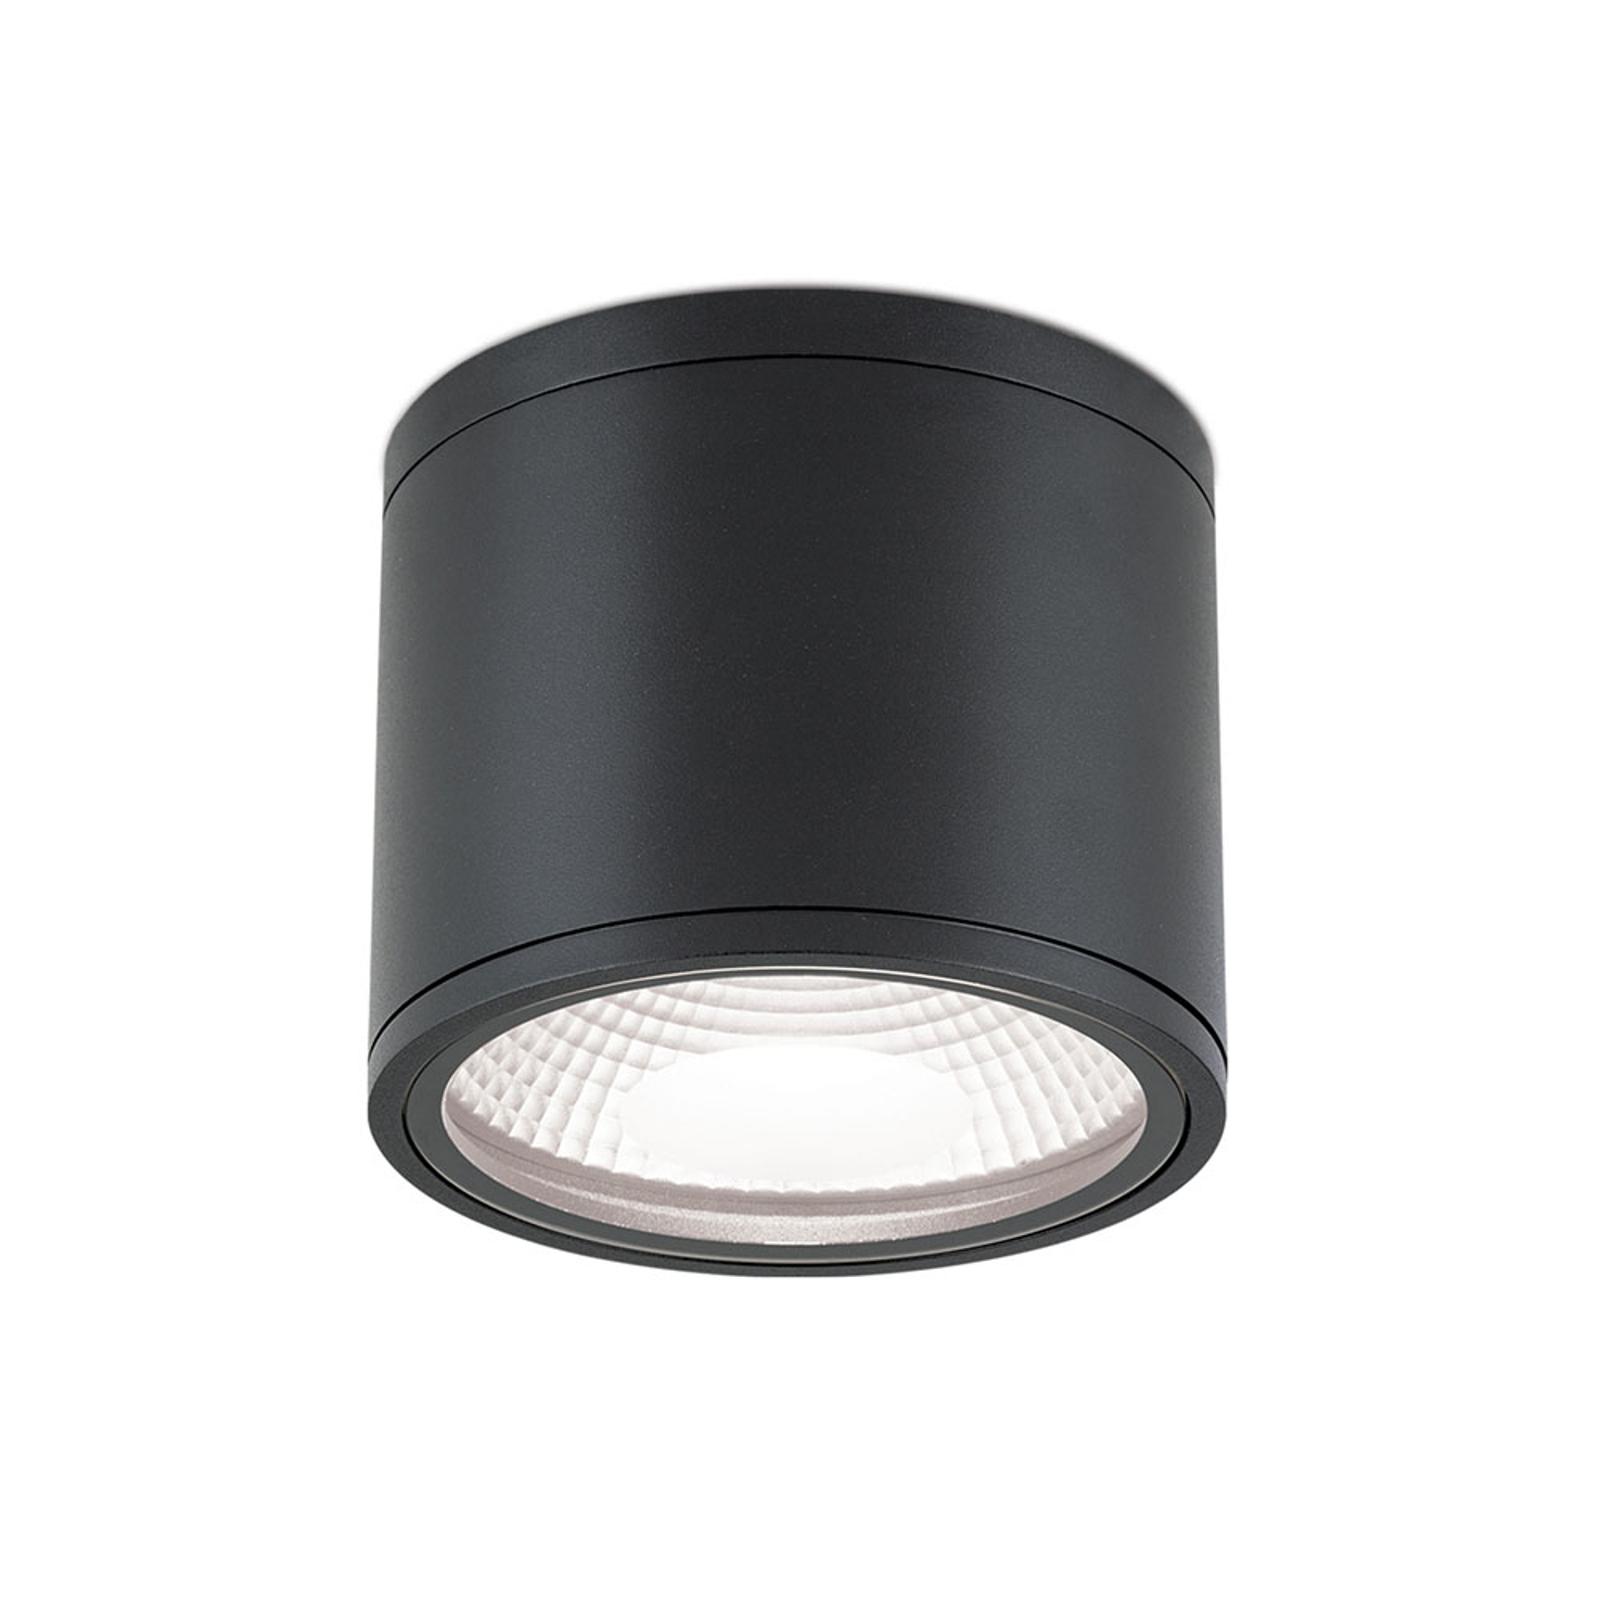 LED-Deckenleuchte Sputnik IP65 Ø 14,5 cm schwarz